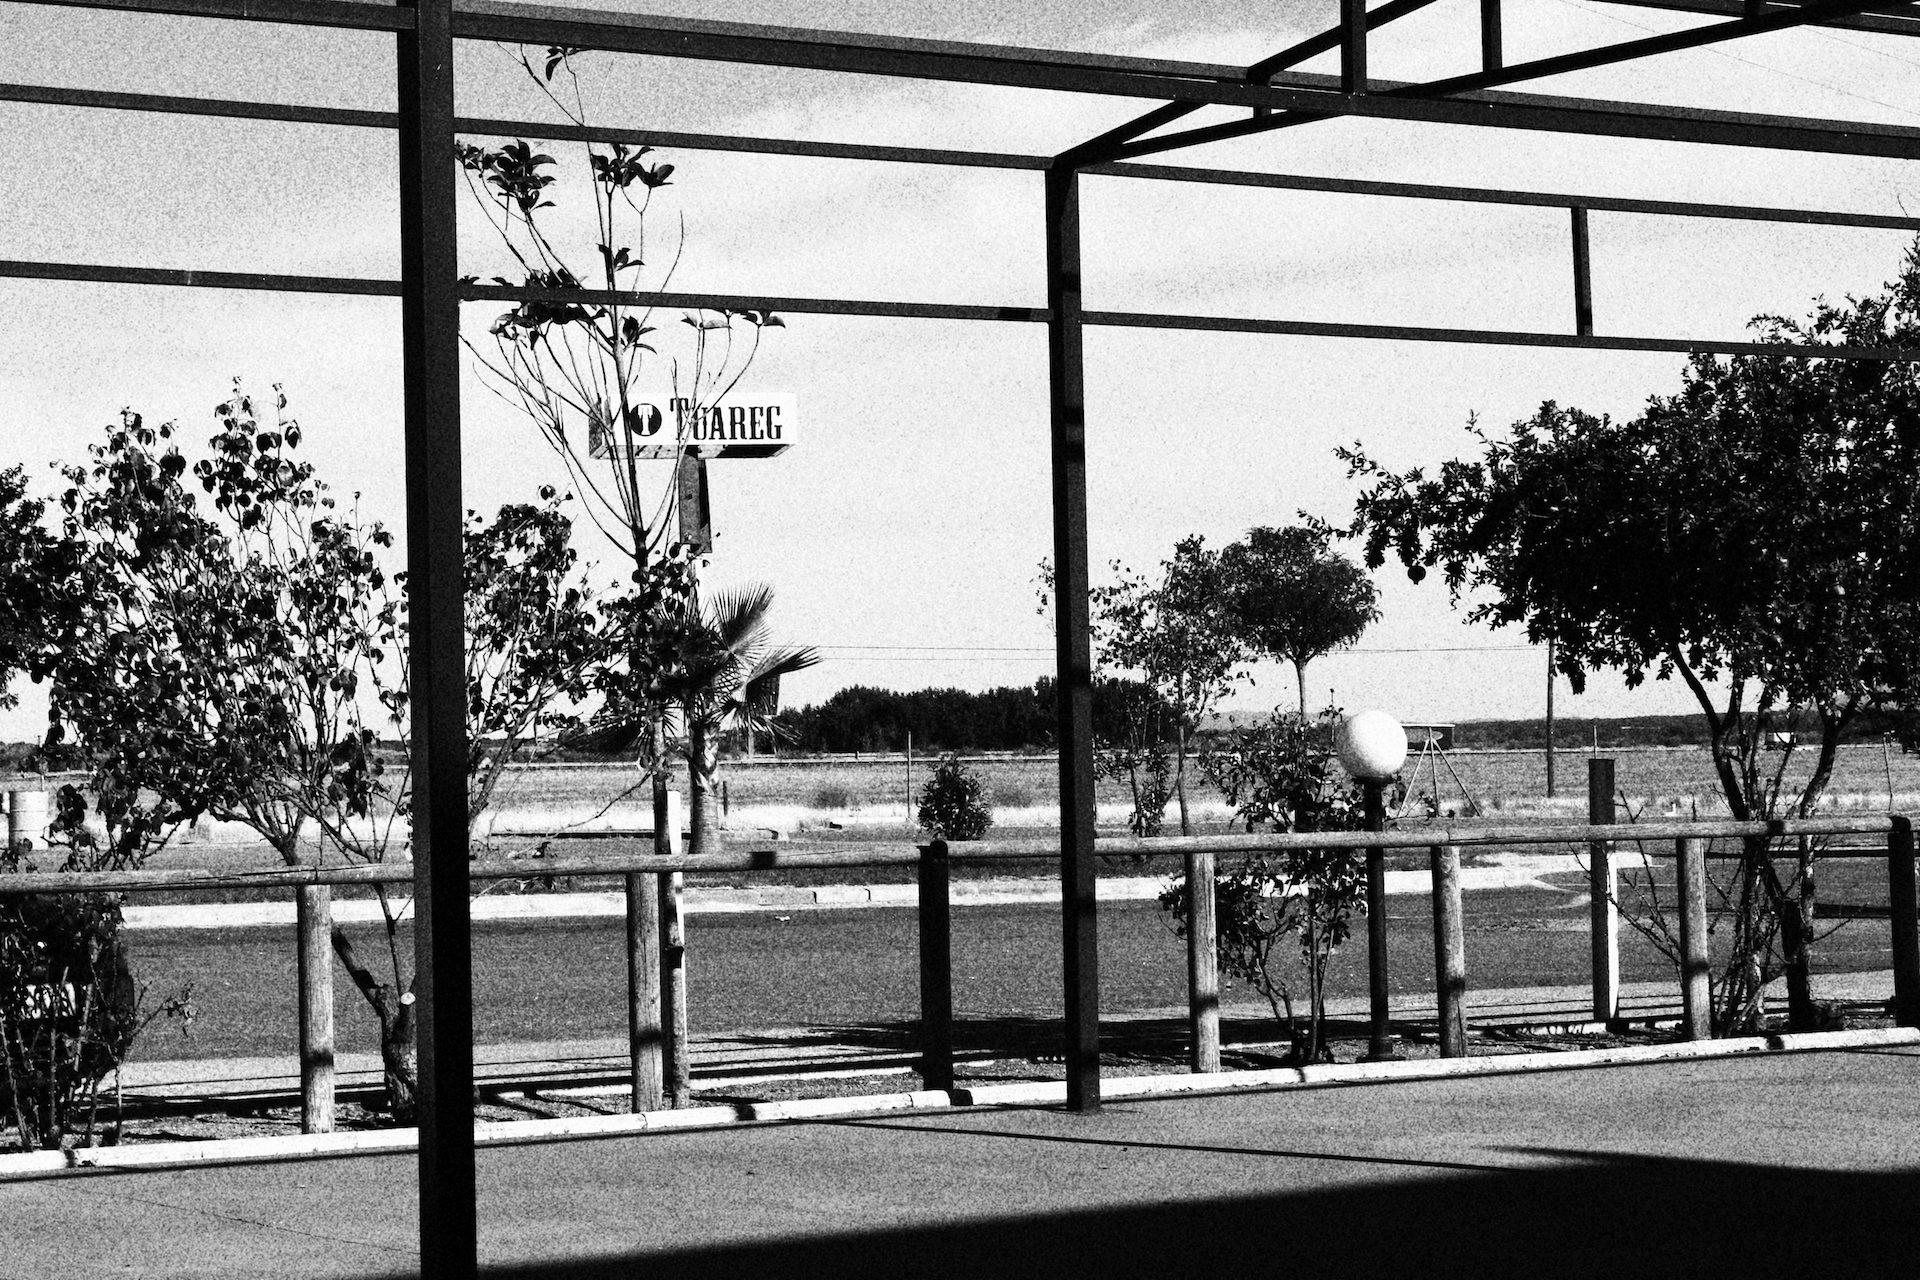 viagens, Estrada, distância, Pare, em preto e branco - Papéis de parede HD - Professor-falken.com